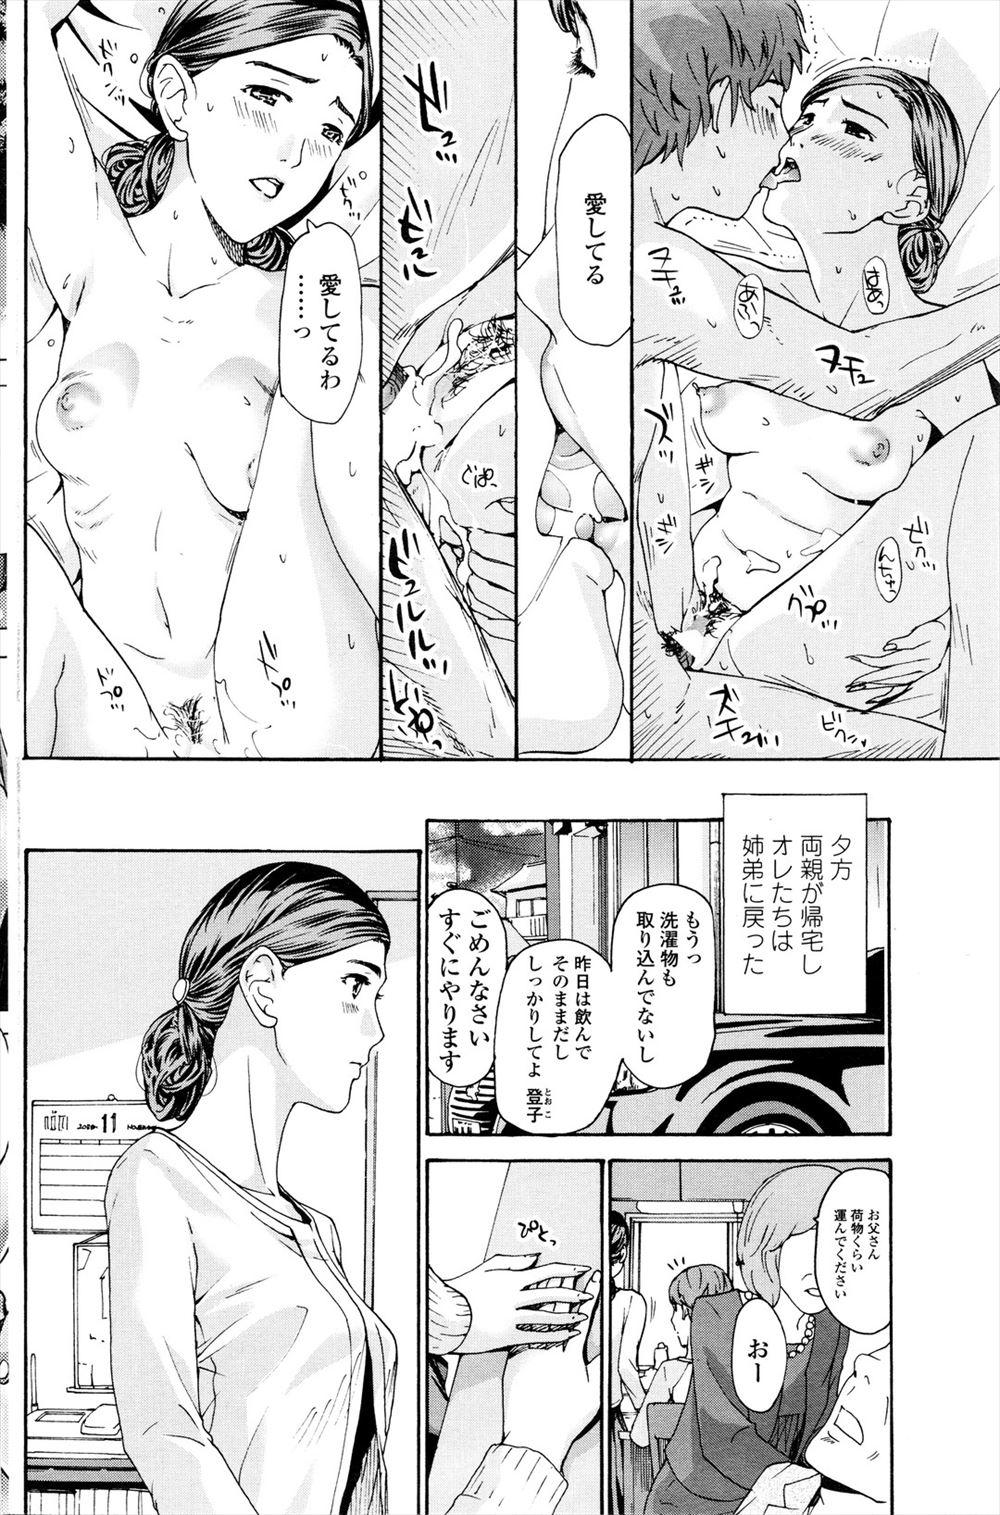 【エロ漫画・エロ同人誌】彼女と別れて実家に帰ったらアラフォーの姉とエッチな関係になったンゴwww (22)